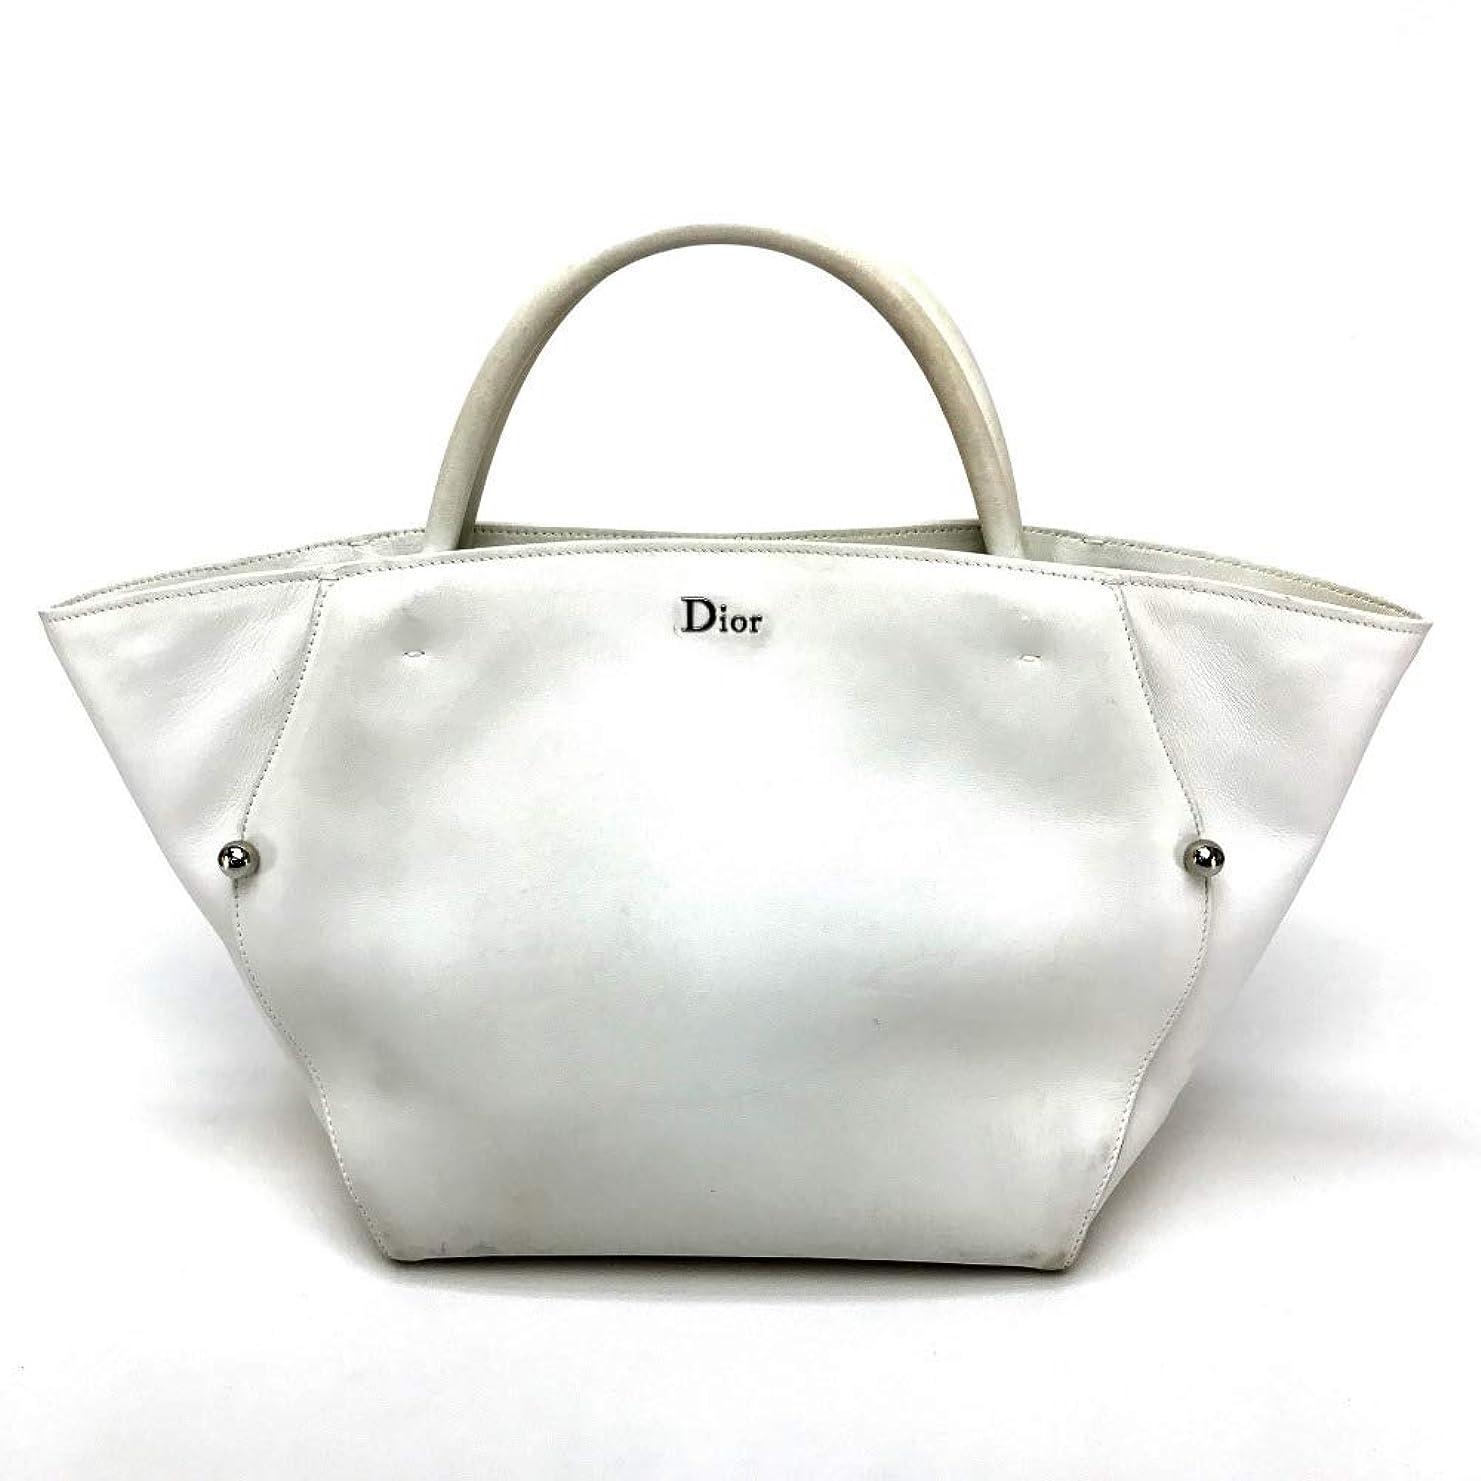 共和党バケット追記(クリスチャンディオール)Christian Dior トートバッグ ハンドバッグ レザー/レディース 中古